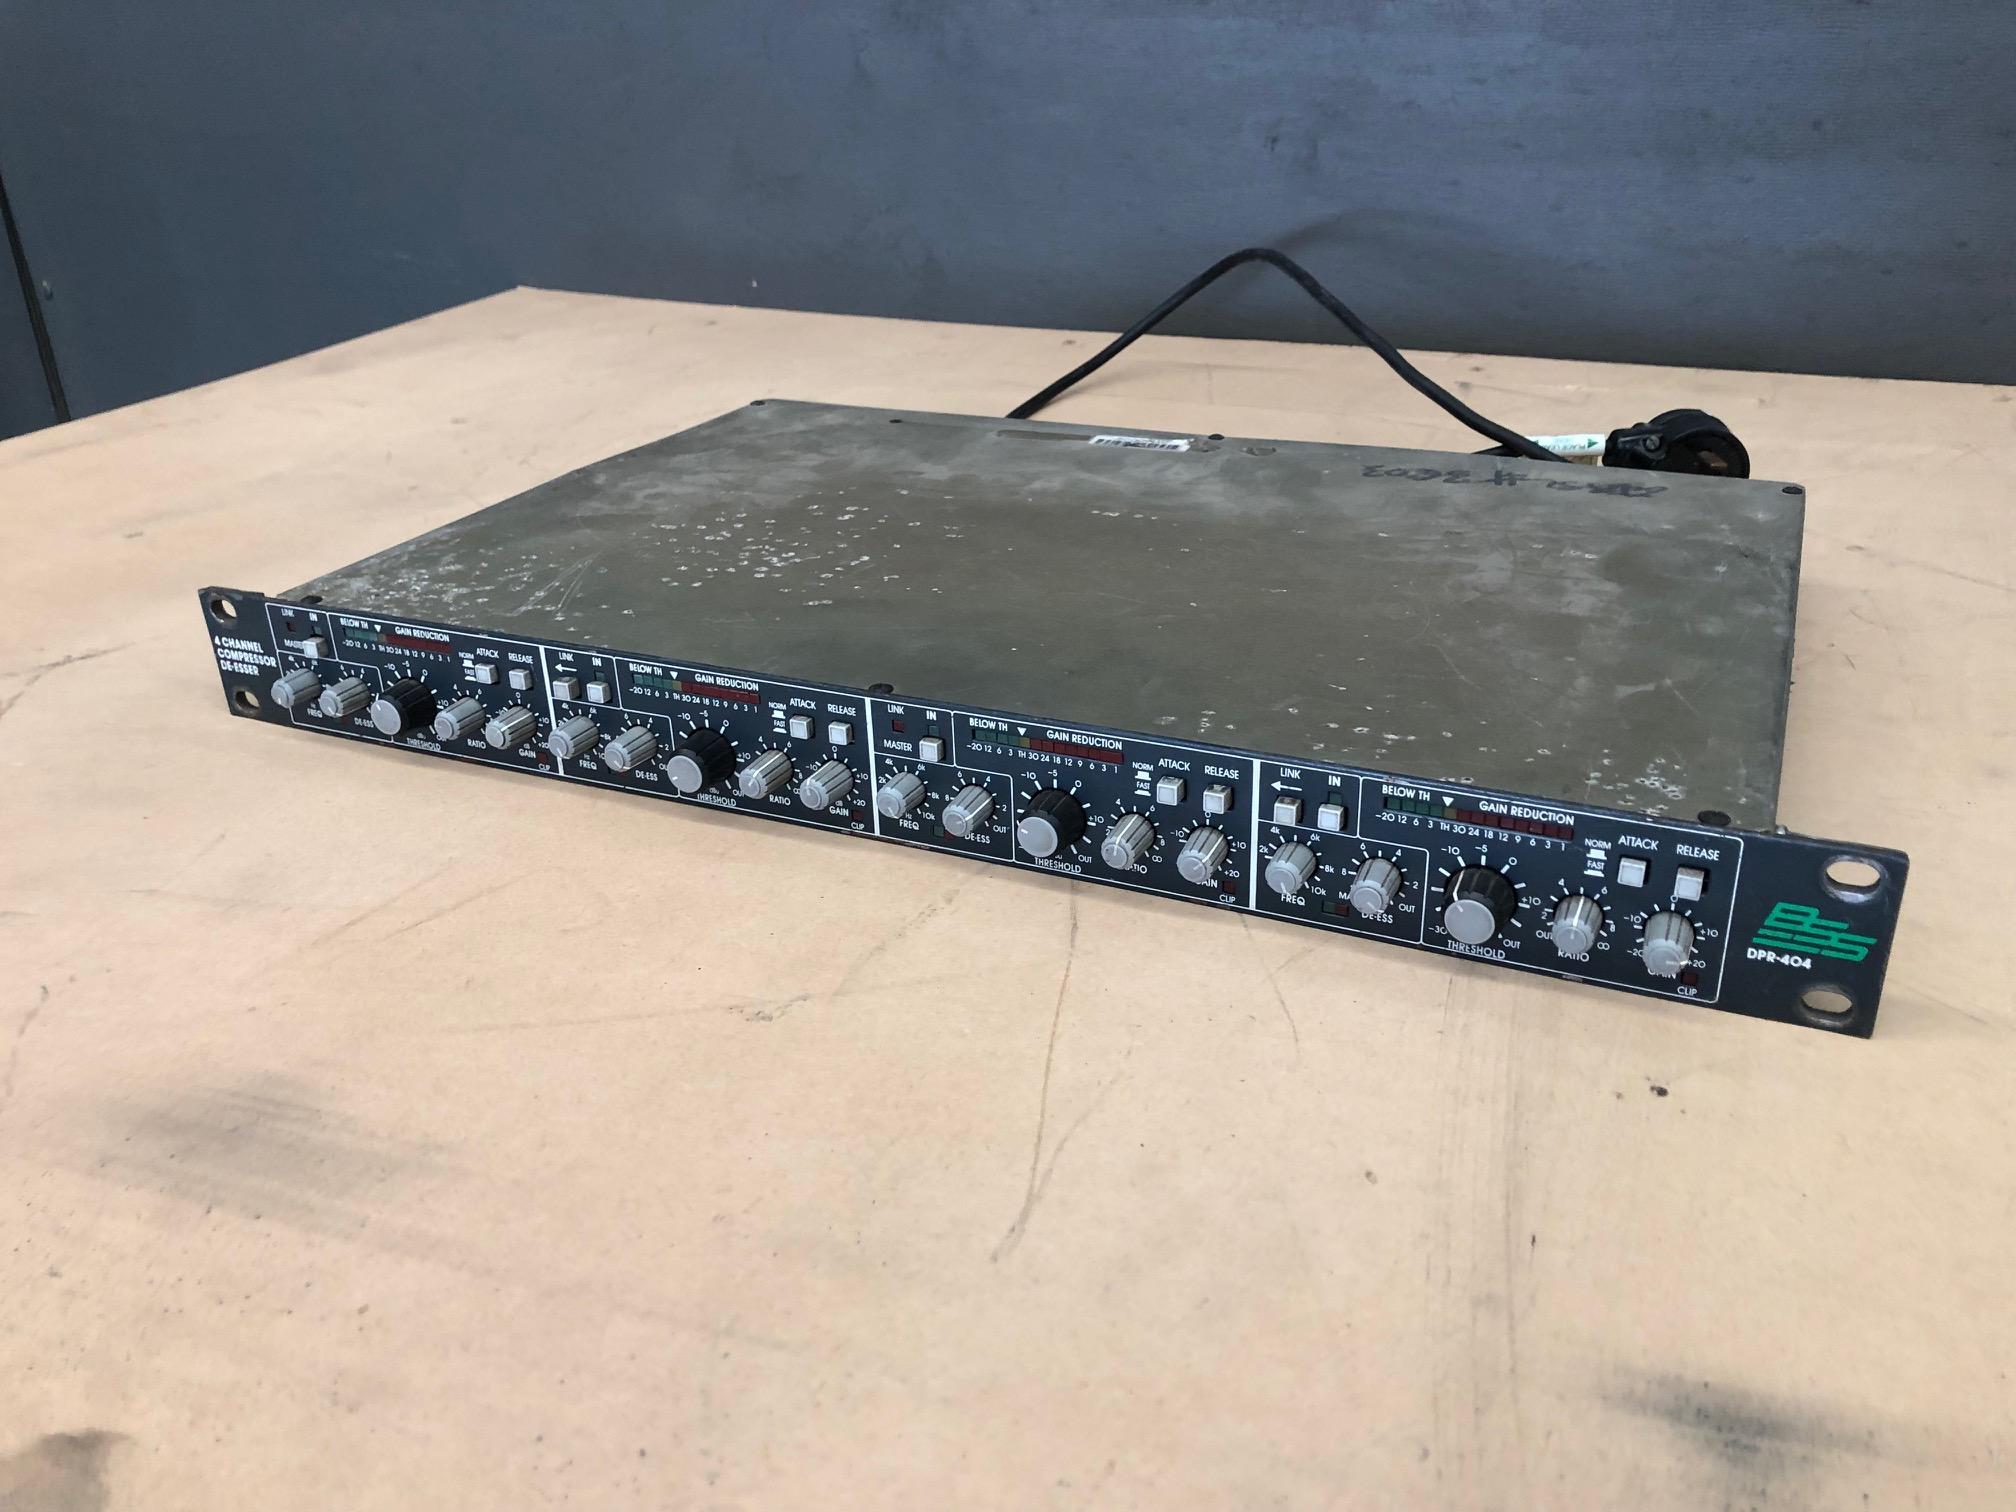 BSS DPR404